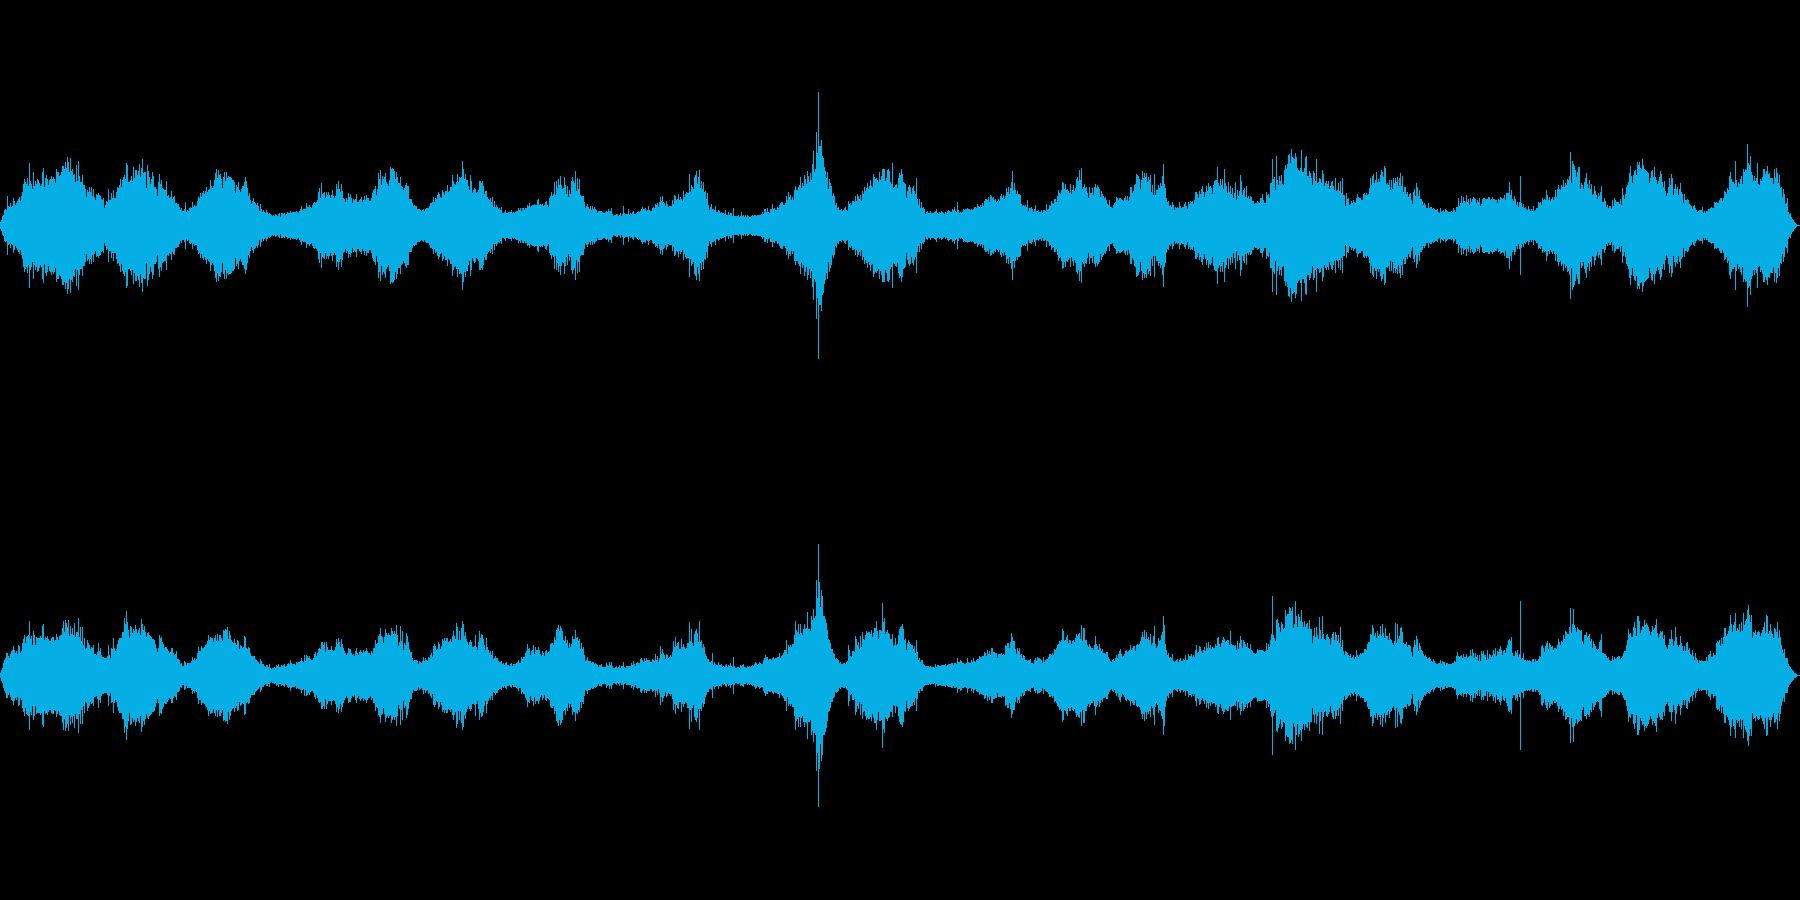 波の音~大荒れの波~岩場の波 【生録音】の再生済みの波形